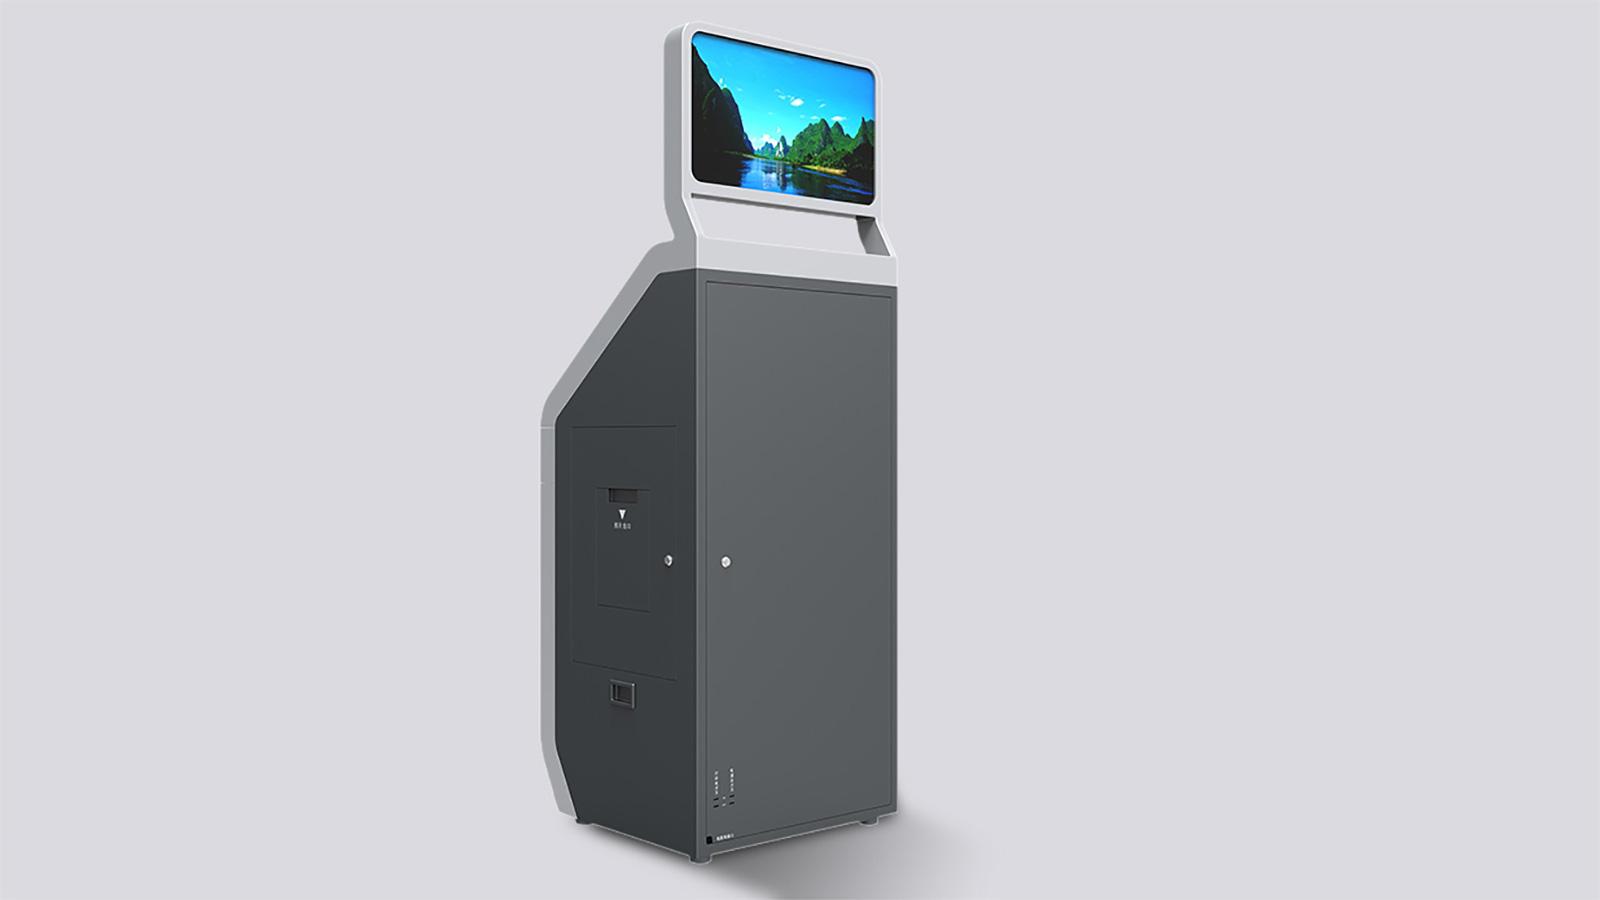 自助终端设计可满足用户的个性化消费需求